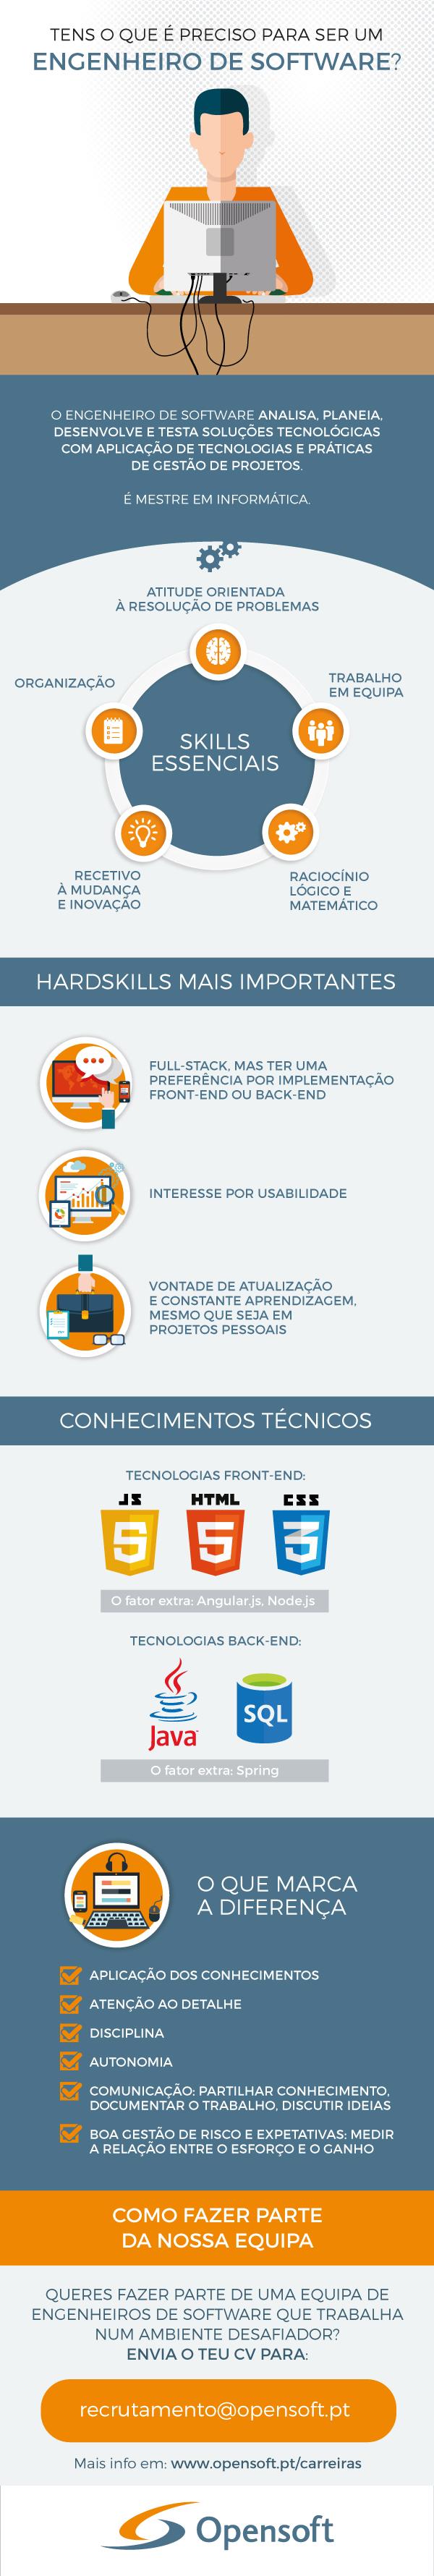 OpenSoft_Engenheiro-de-Software_Infografico